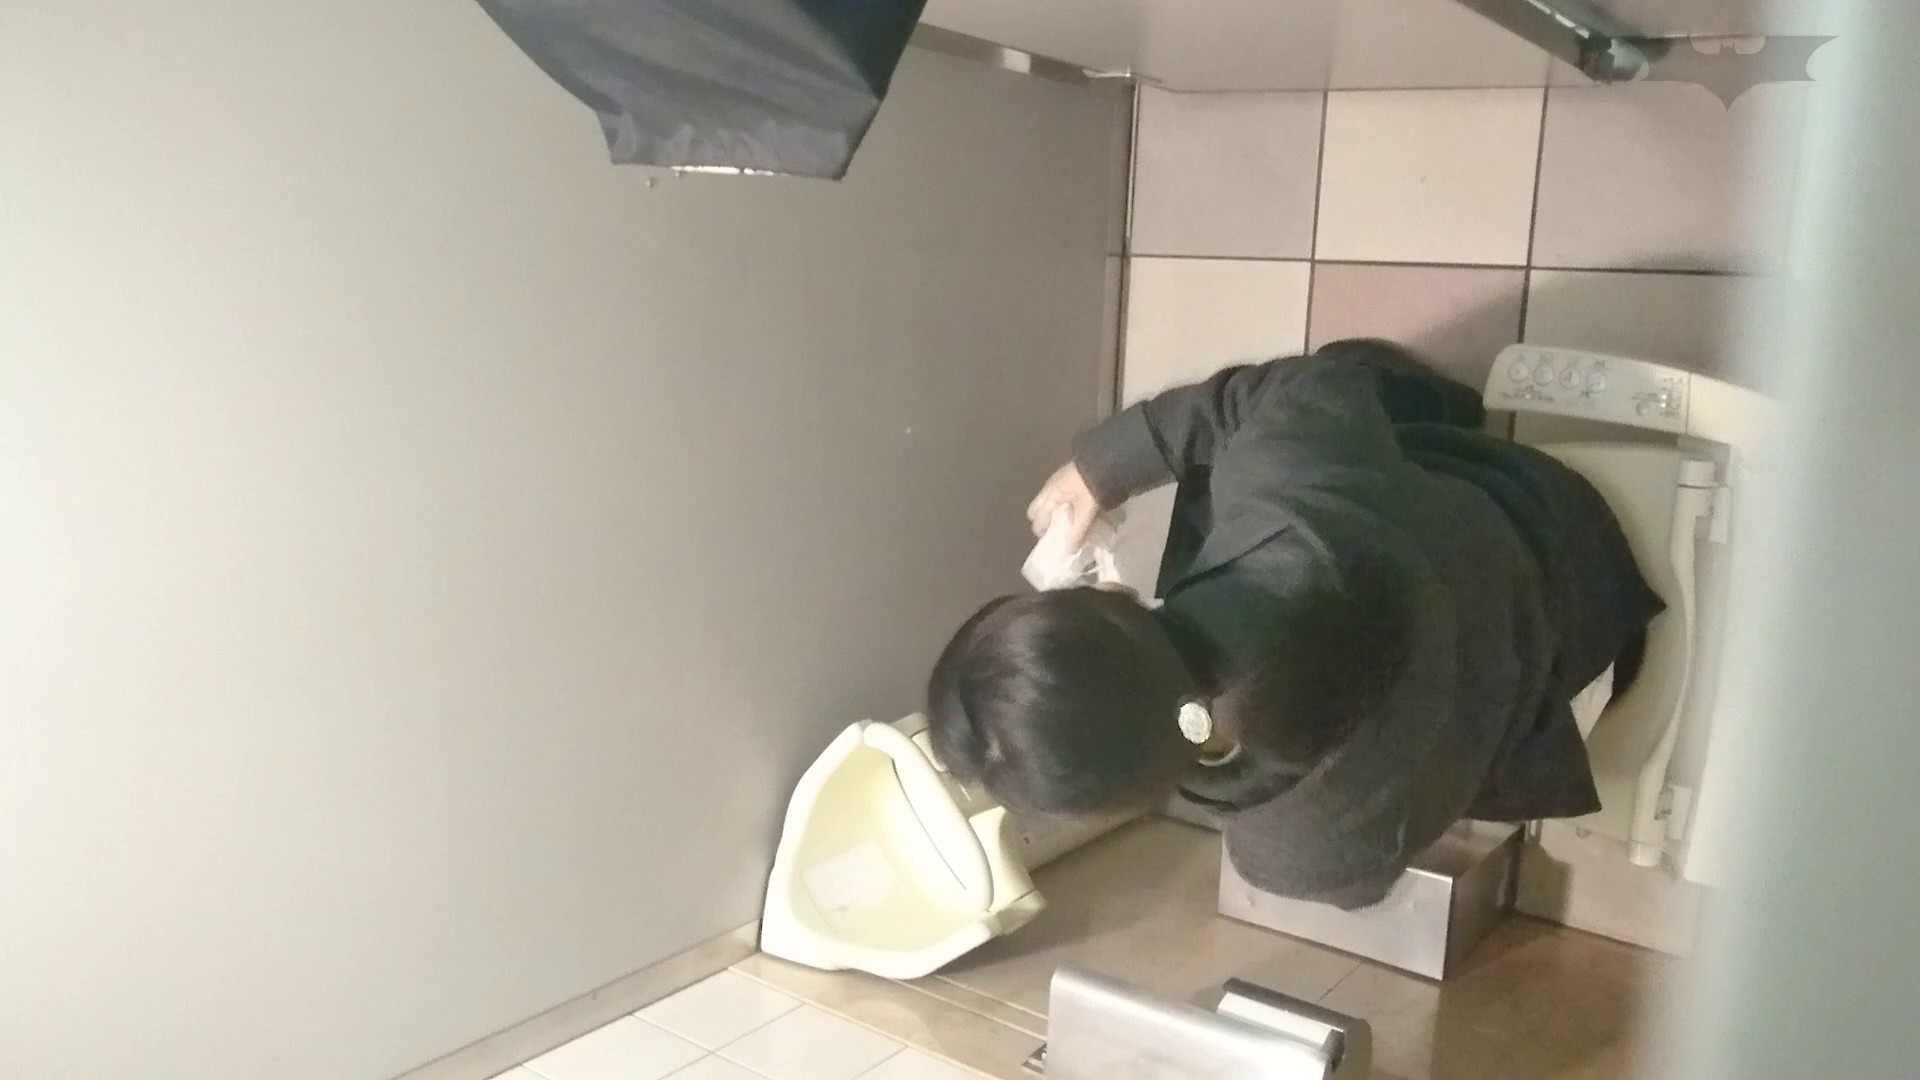 化粧室絵巻 ショッピングモール編 VOL.08